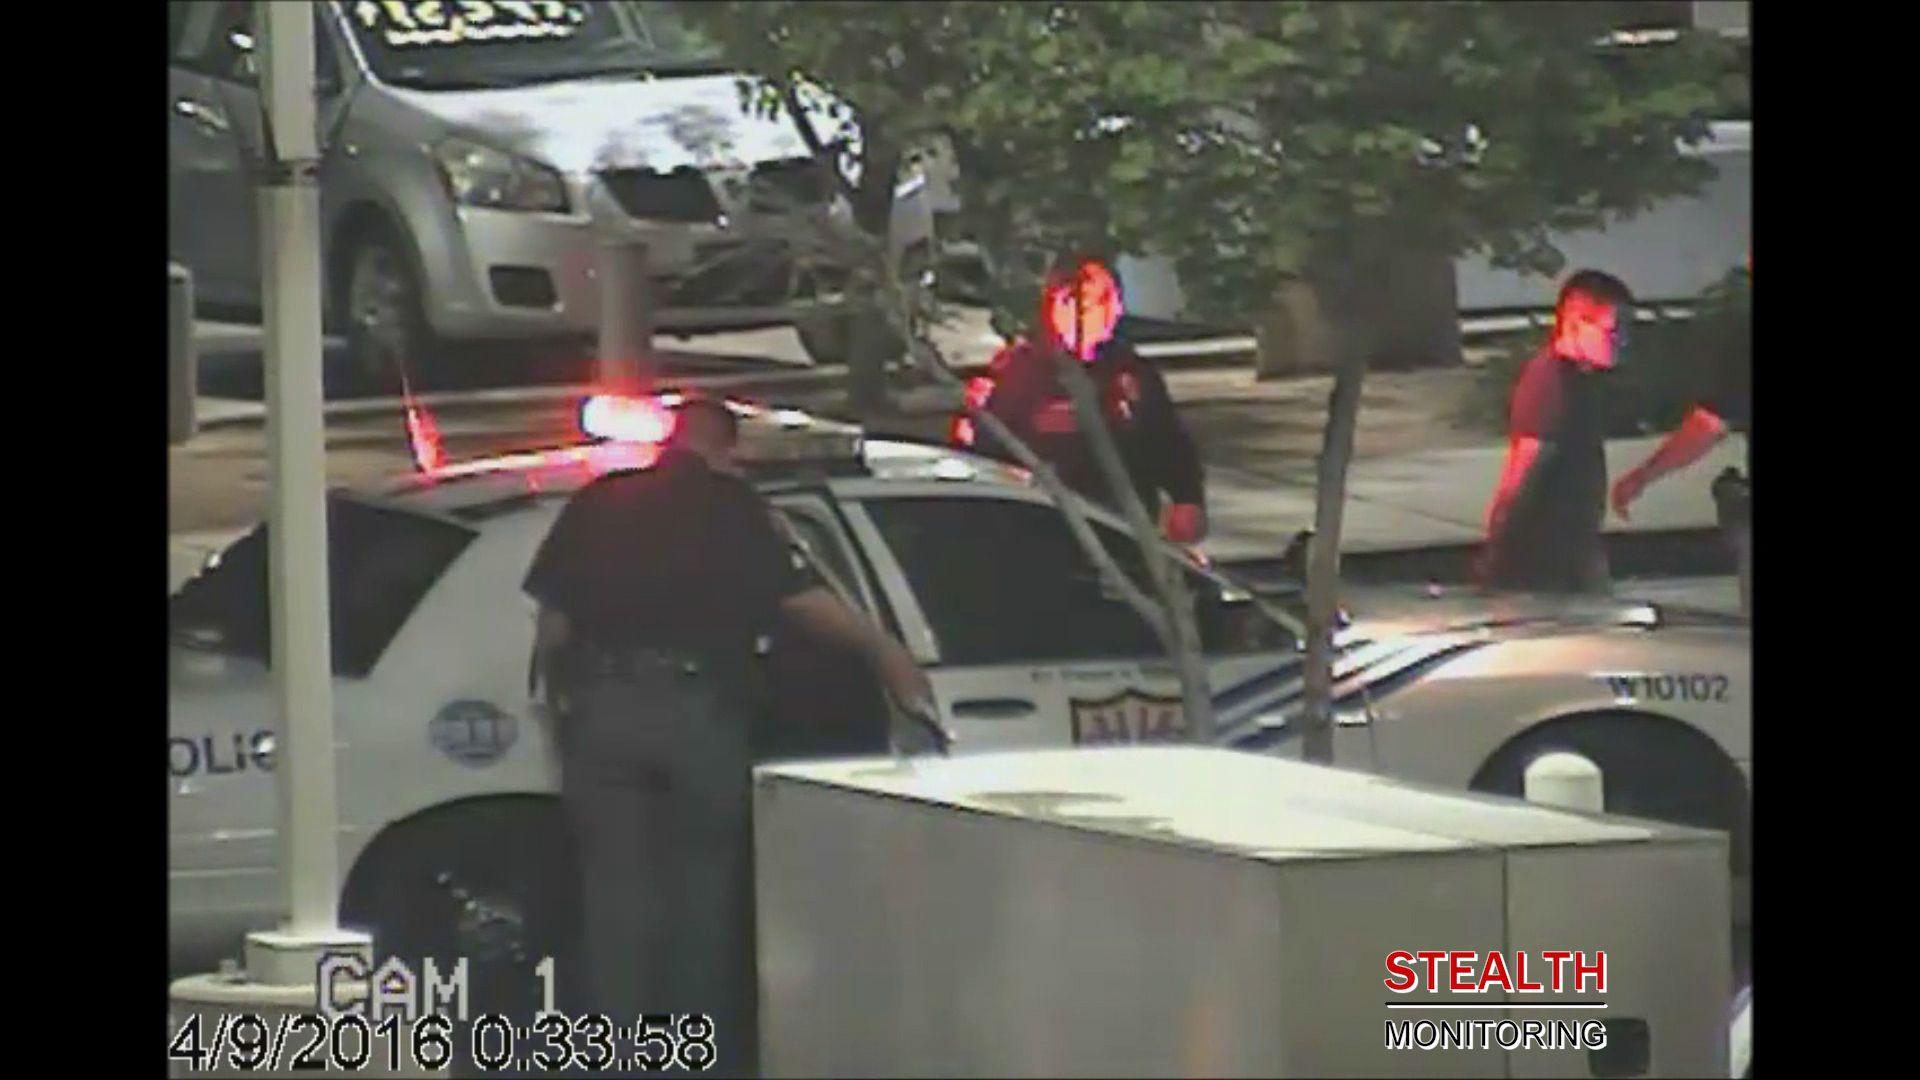 Car Dealership Video Enables Police to Track Criminals